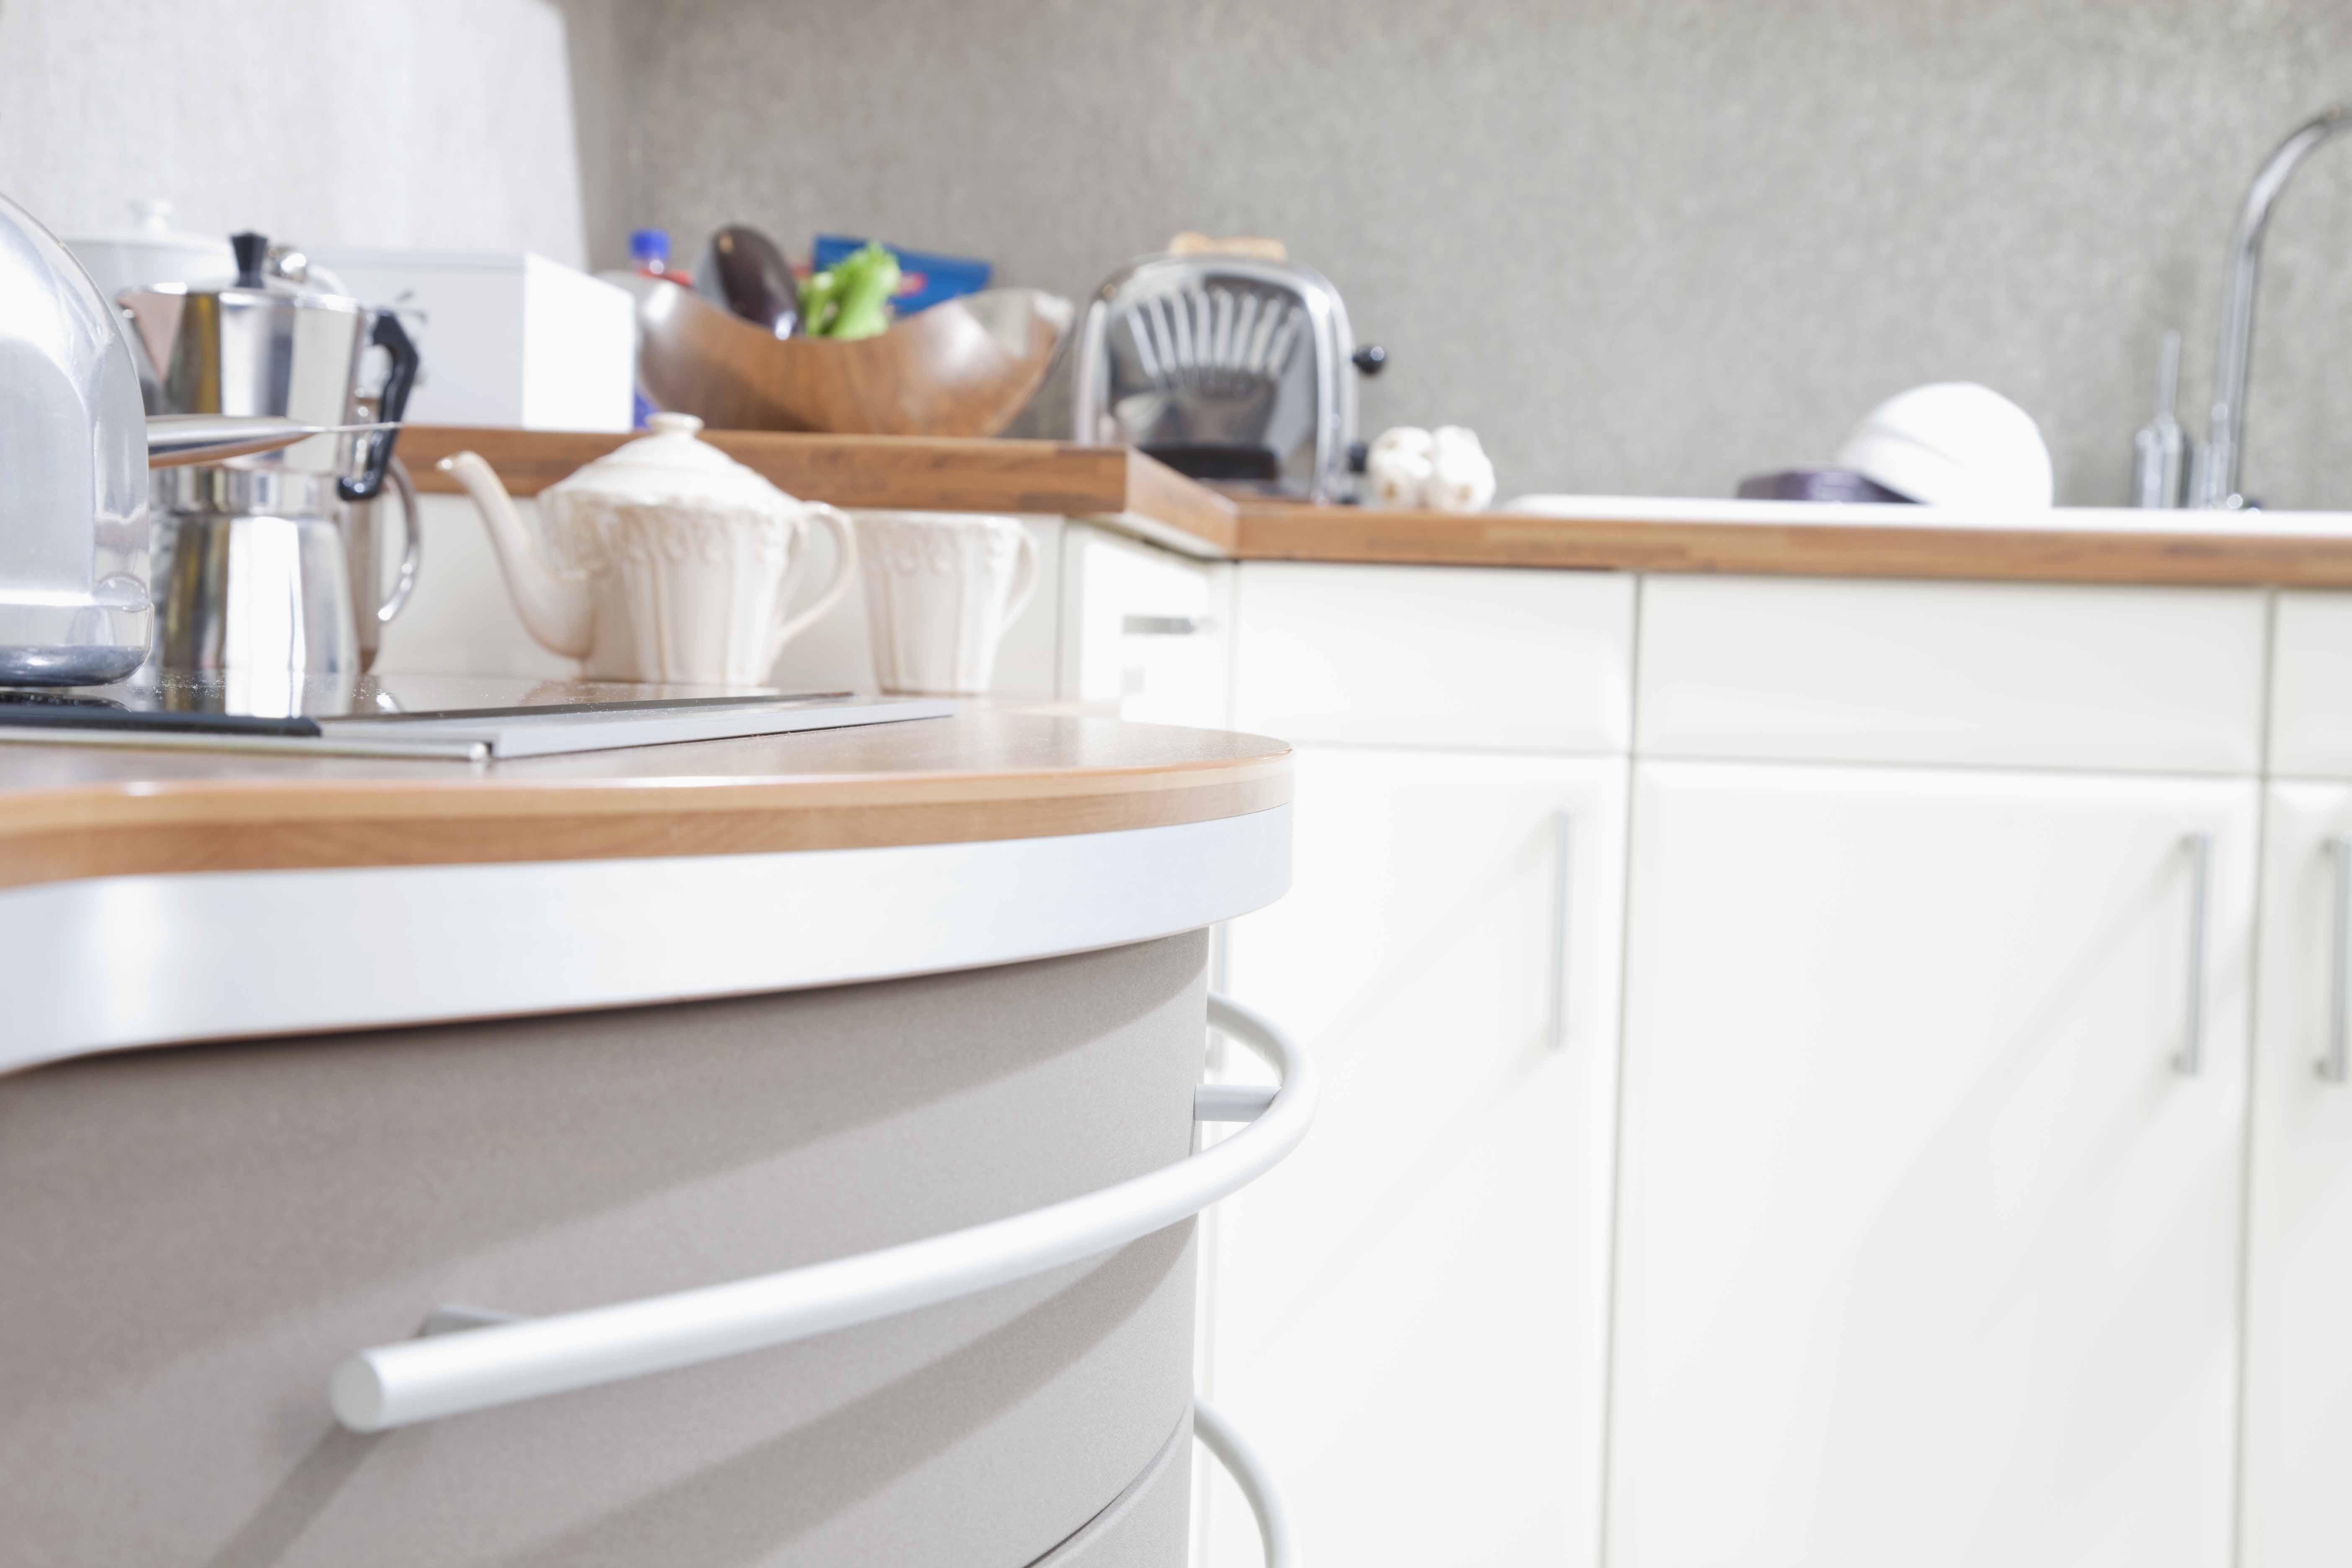 alma k chen gmbh co kg in krefeld branchenbuch deutschland. Black Bedroom Furniture Sets. Home Design Ideas